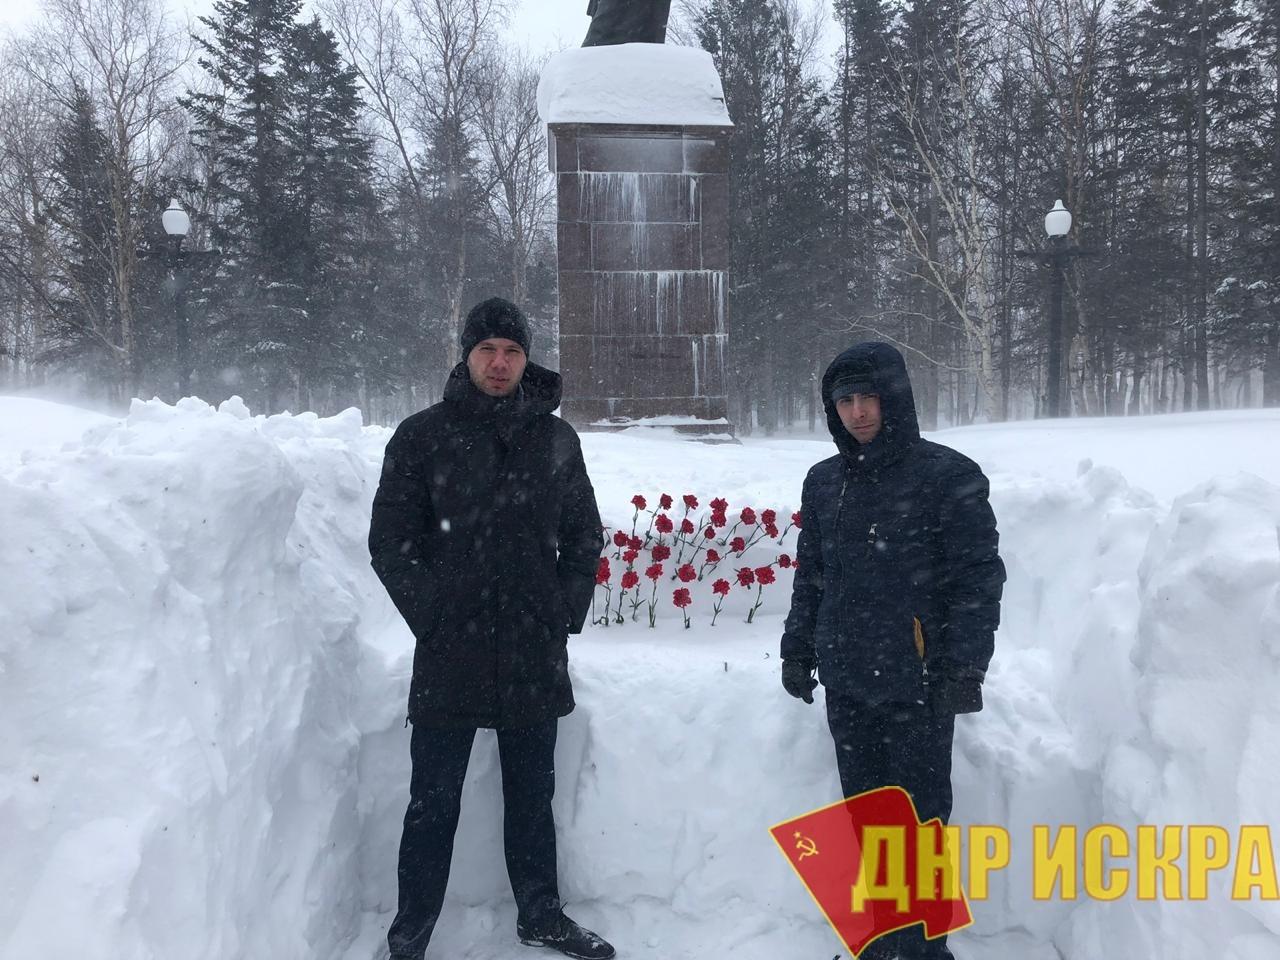 Сахалин почтил память революционера и основателя Советского государства